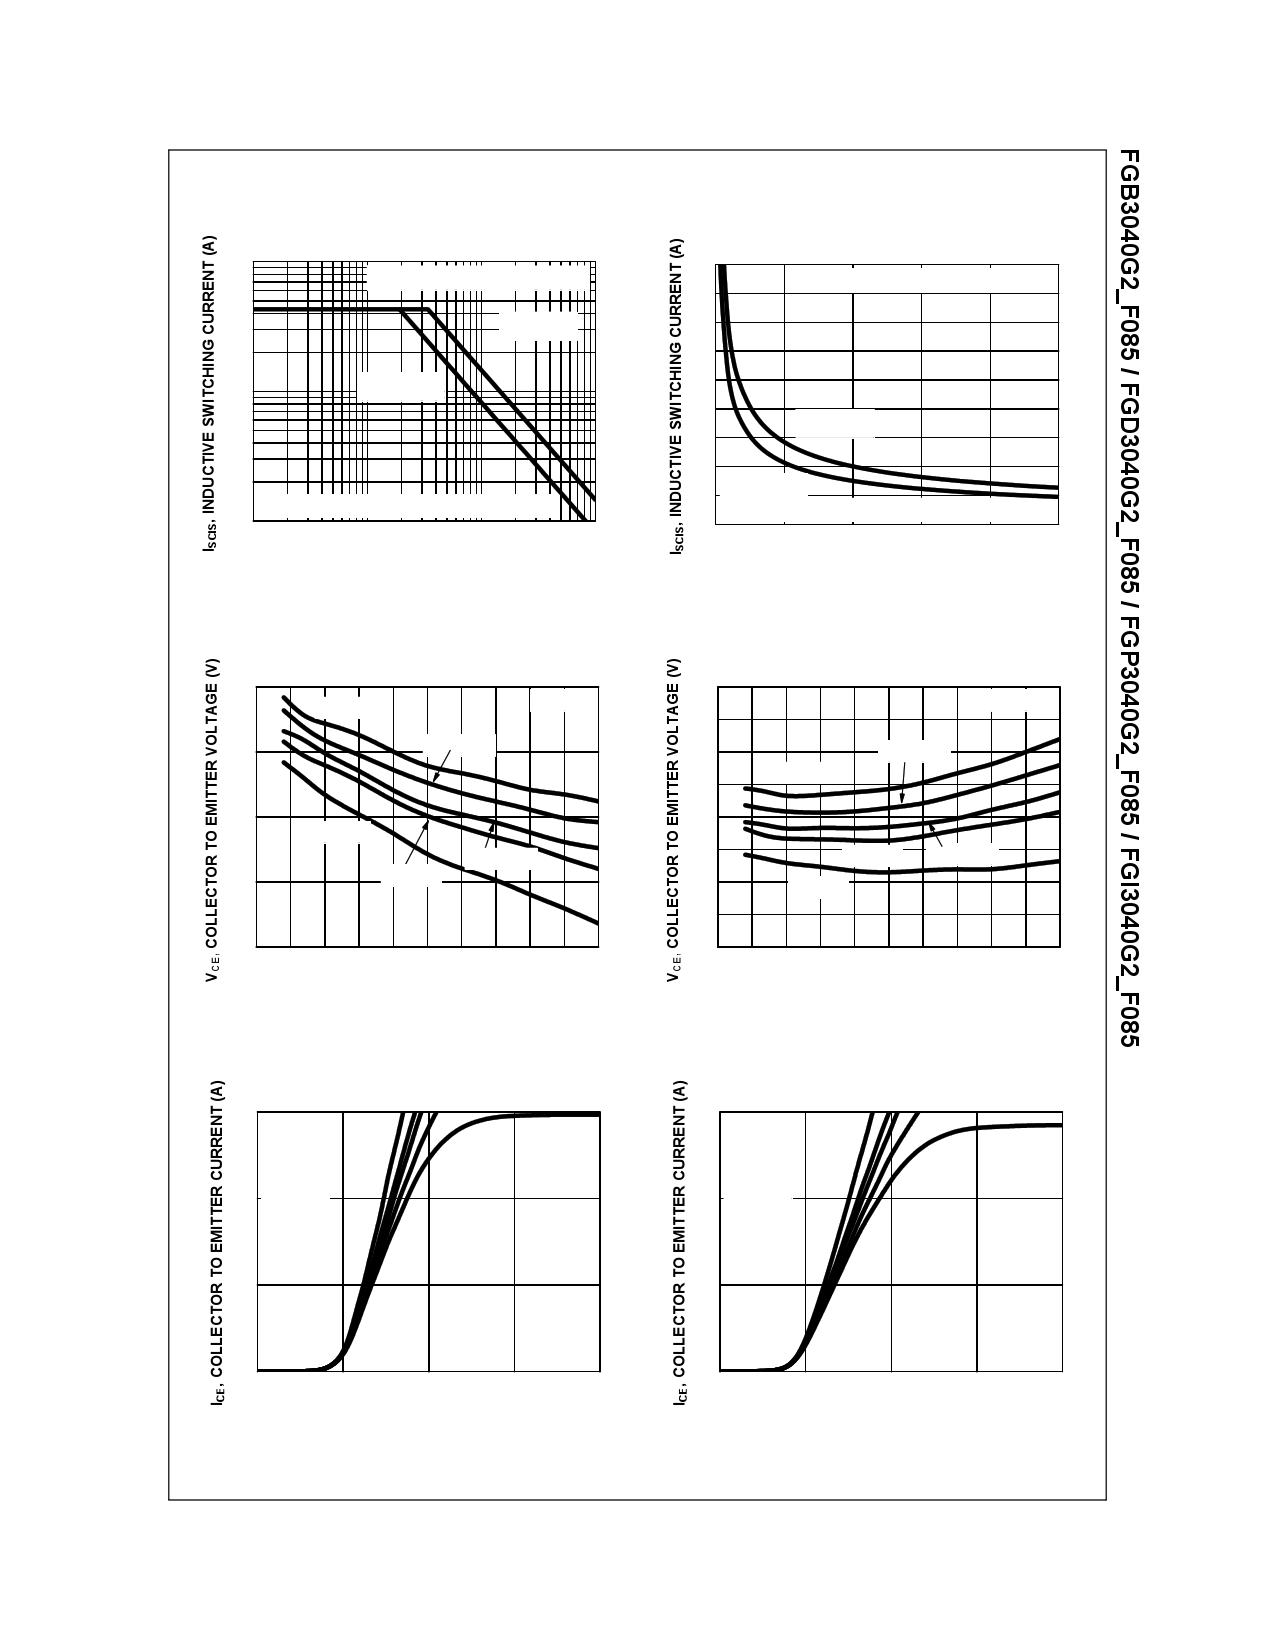 FGD3040G2_F085 pdf, 반도체, 판매, 대치품